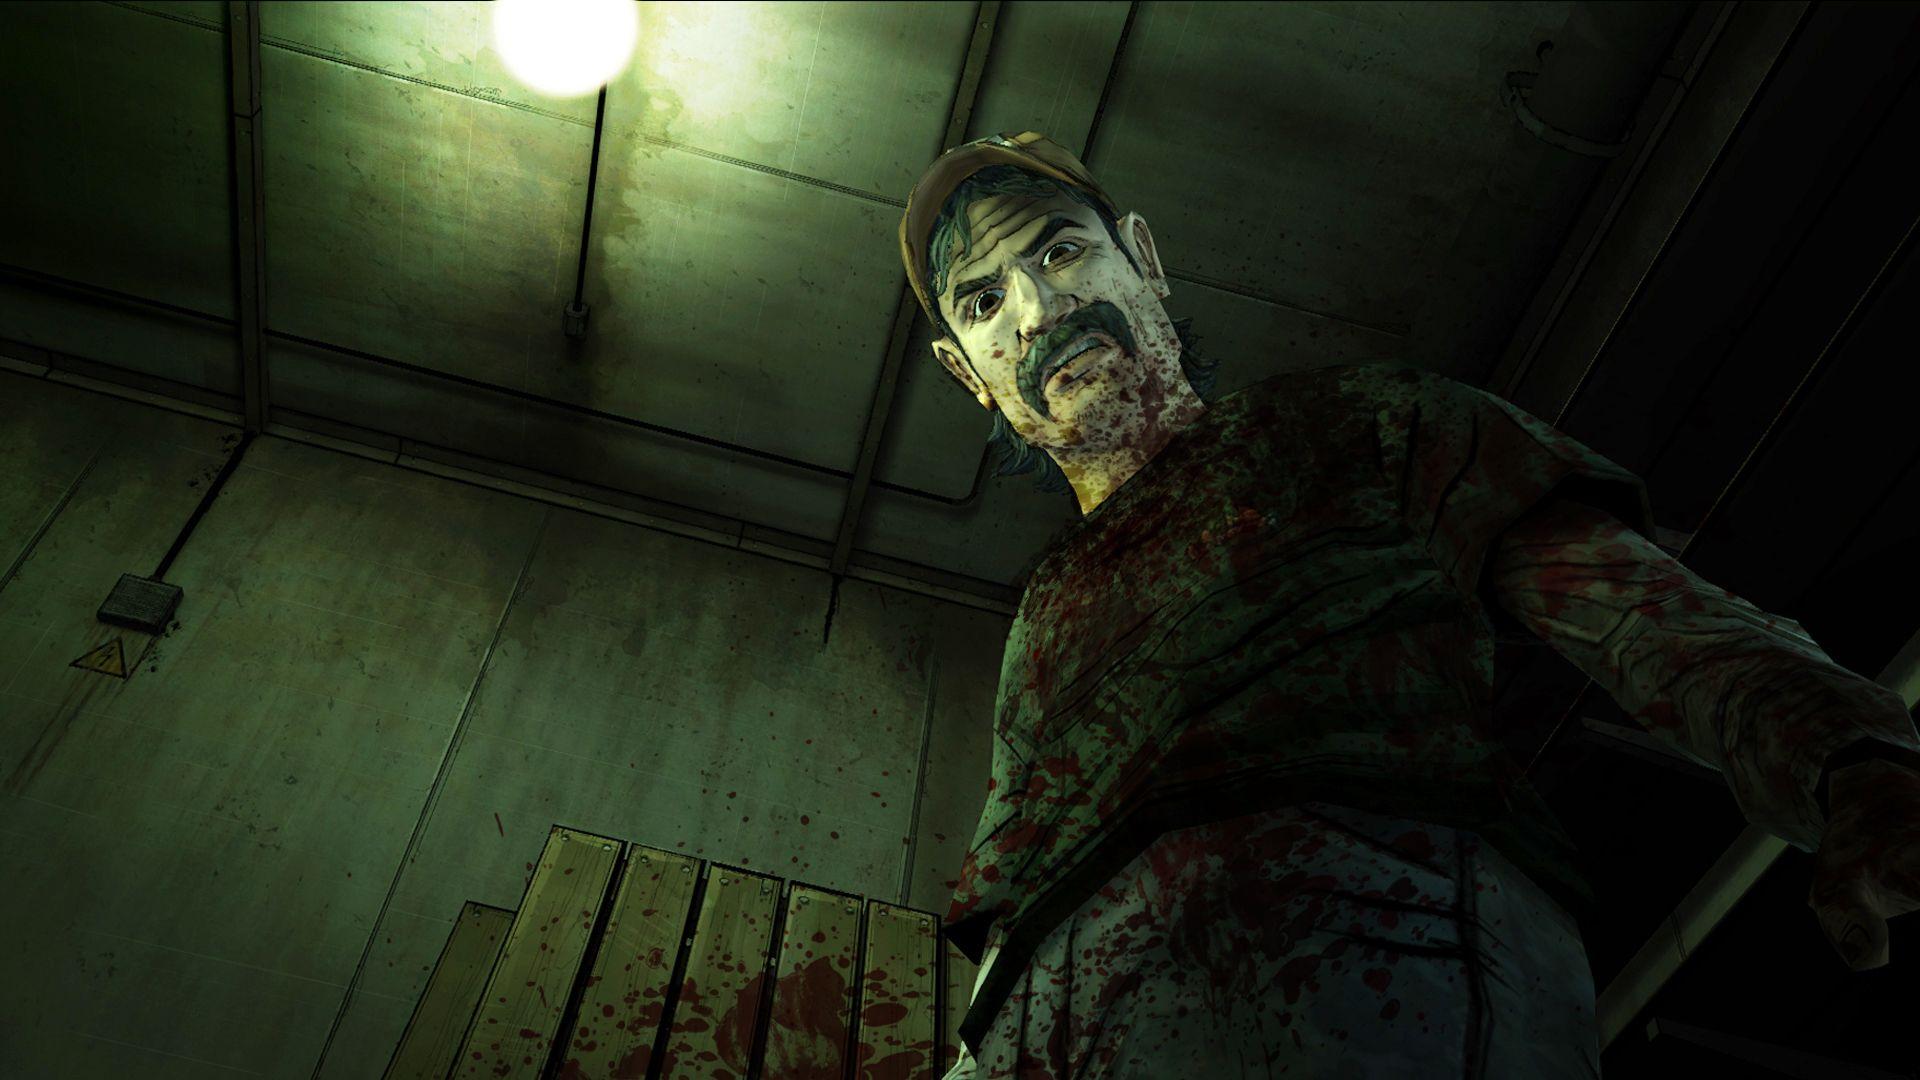 The Walking Dead: Episode 2 - Starved for Help (Foto: Divulgação)